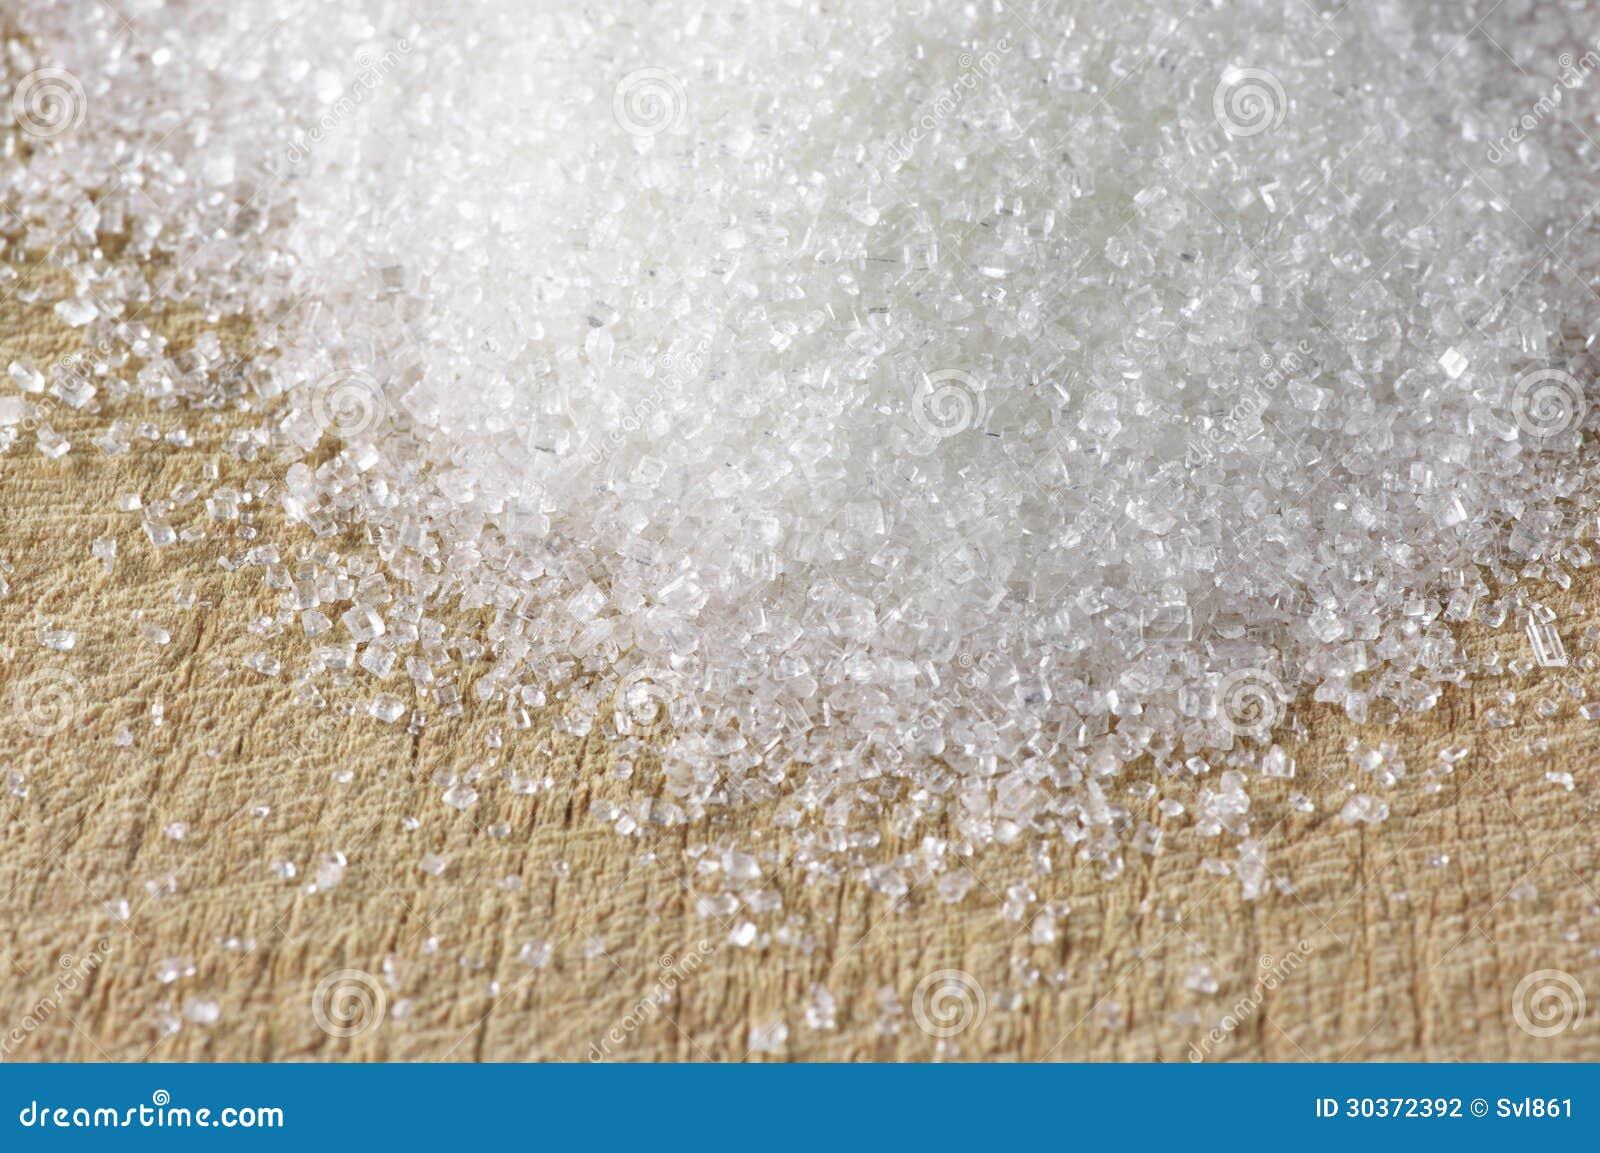 Pile of granula...